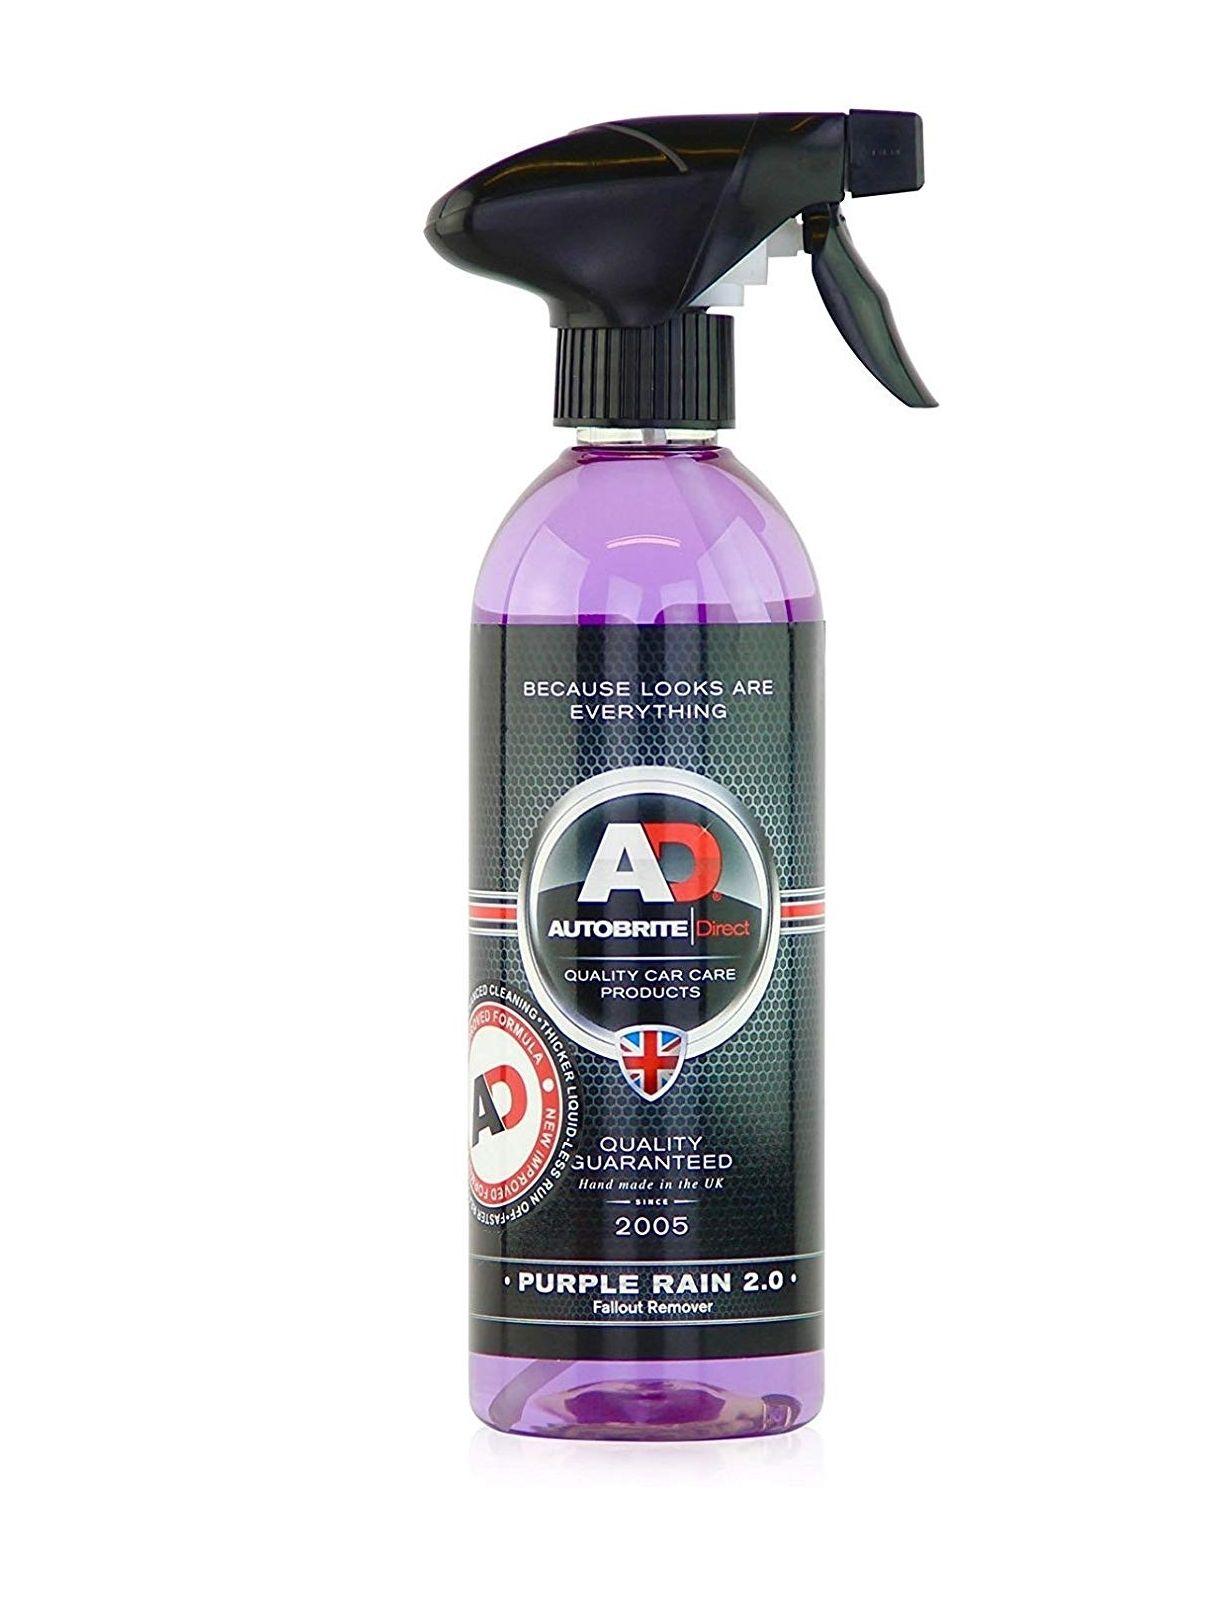 Autobrite Purple Rain 2.0 £7.60 Amazon Prime Day Deal